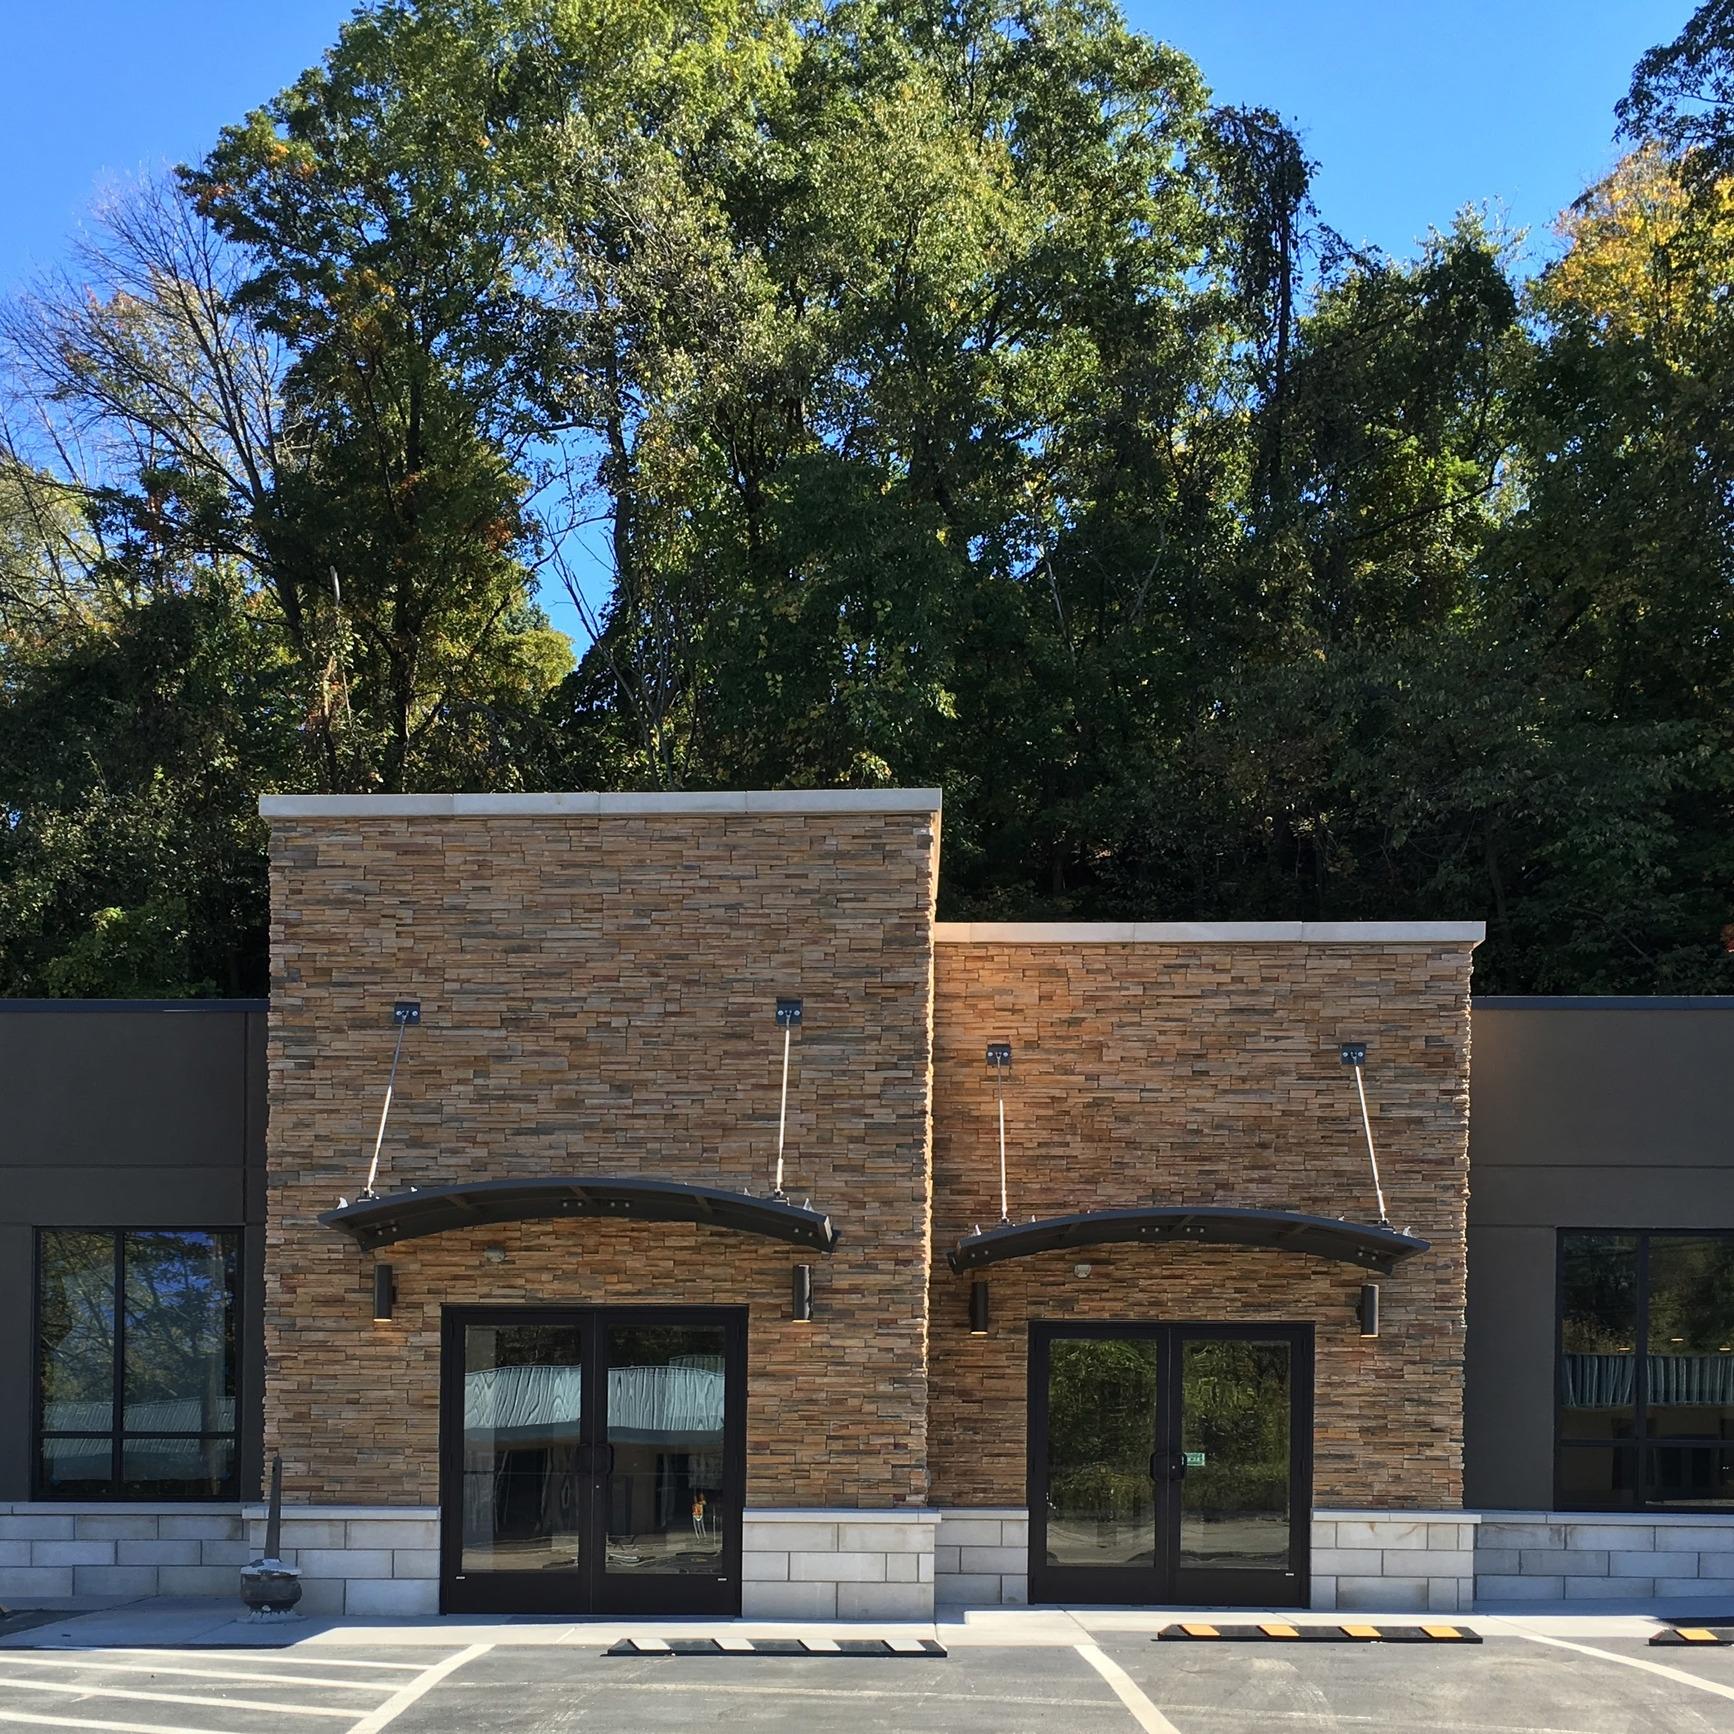 Cappetta Building Renovations